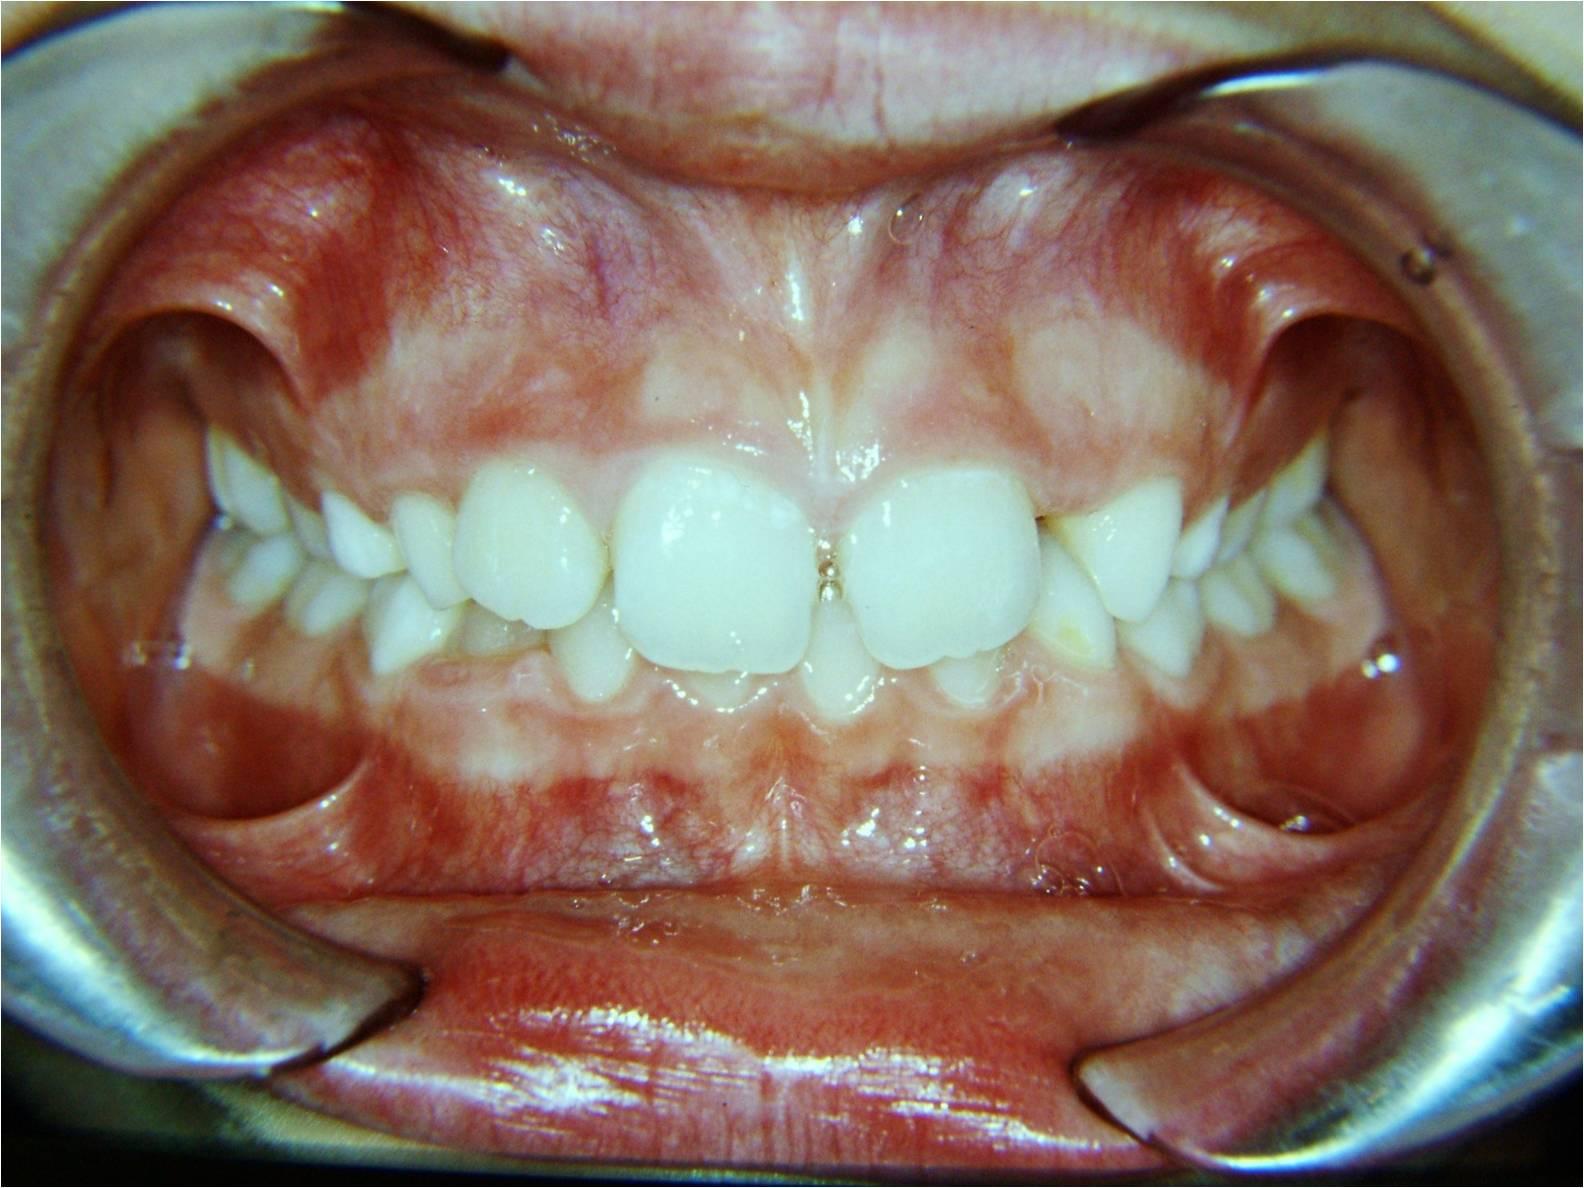 Damon il sistema ortodontico meraviglioso caso 5